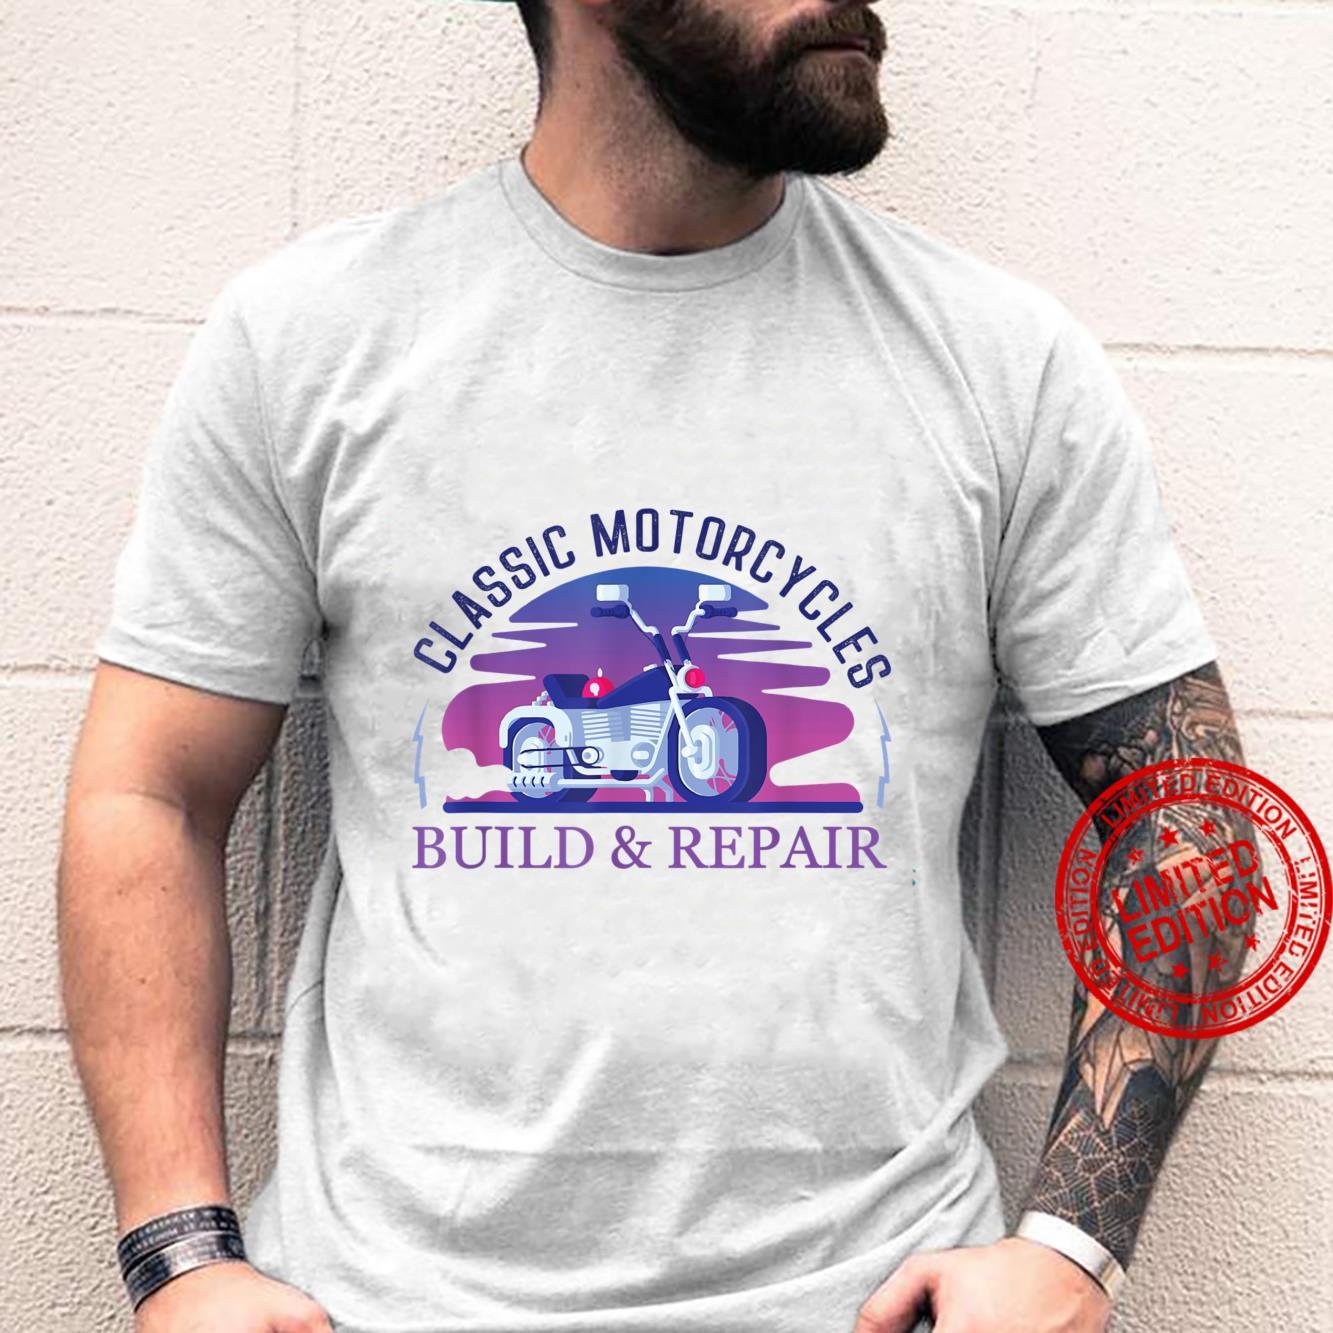 Classic Motorcycles Build & Repair Shirt